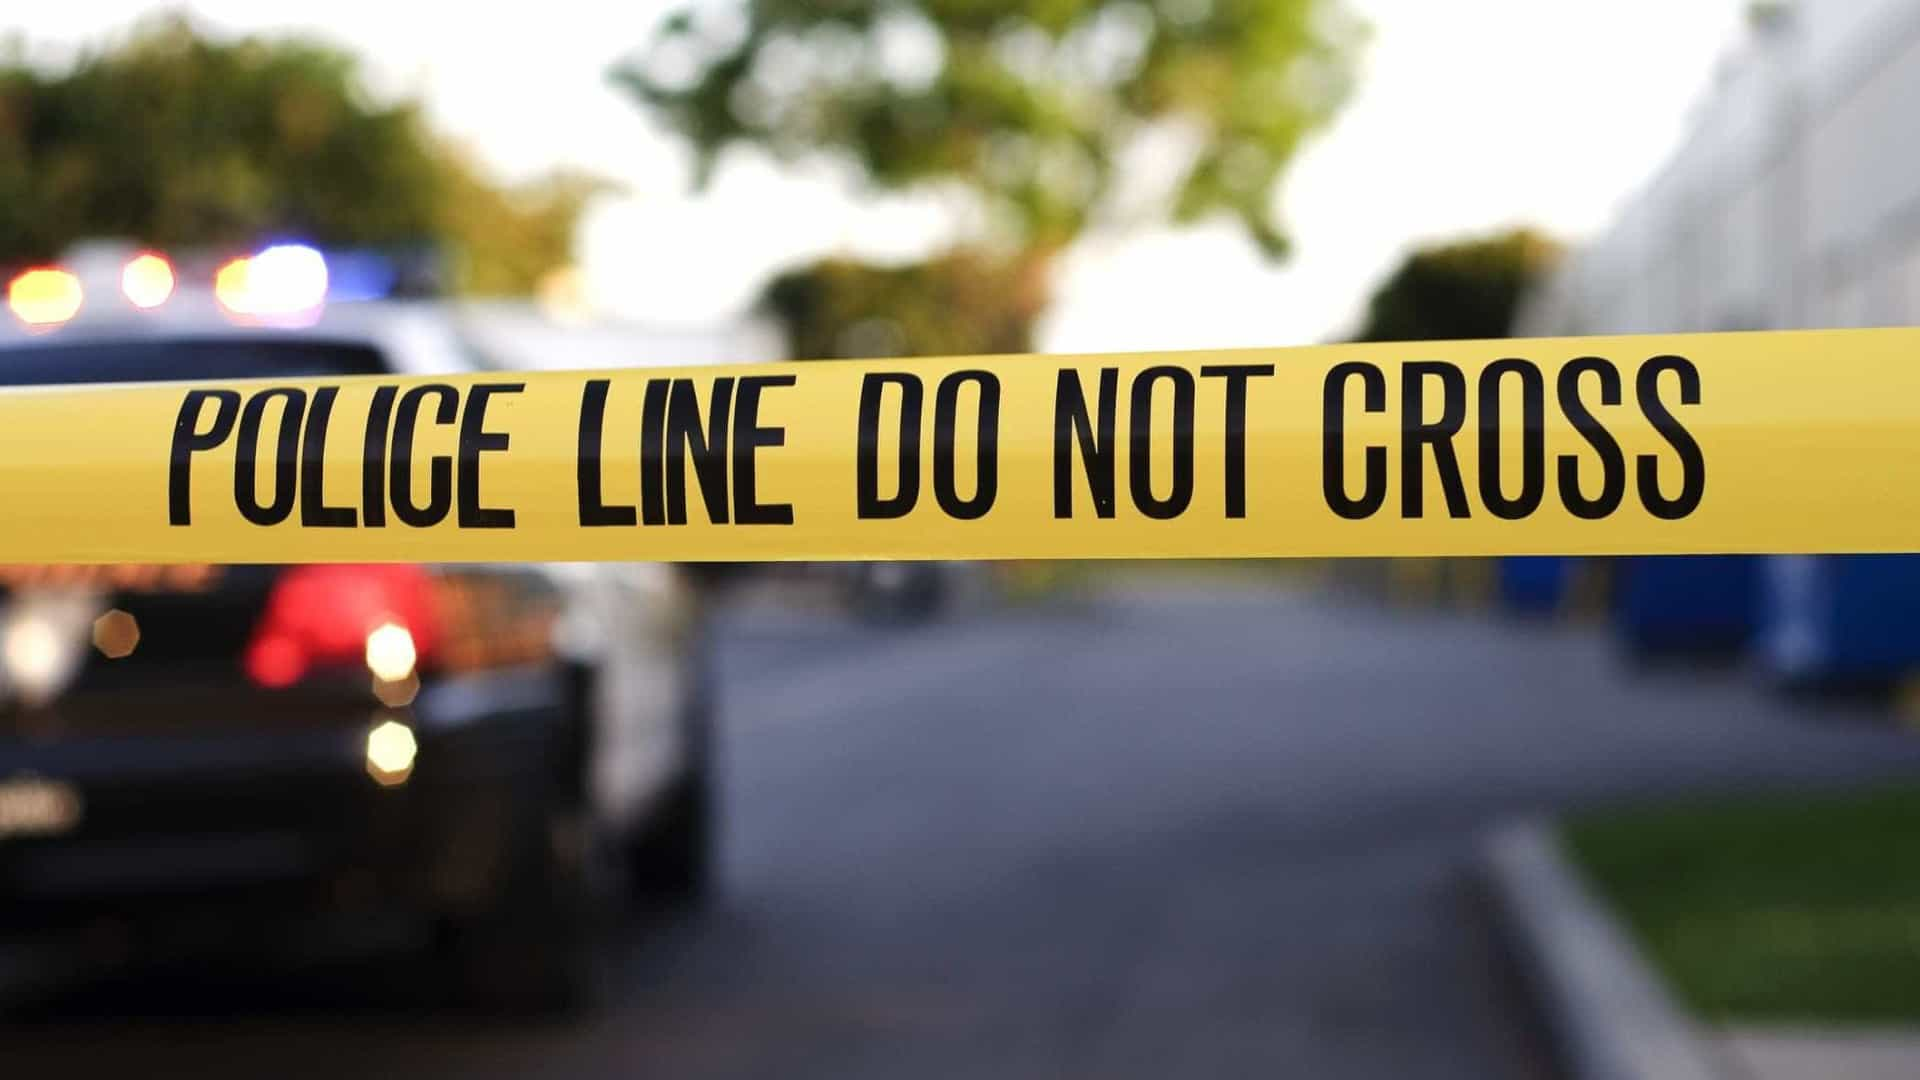 Mais um dia, mais um tiroteio nos EUA, com 'exceção' que confirma a regra